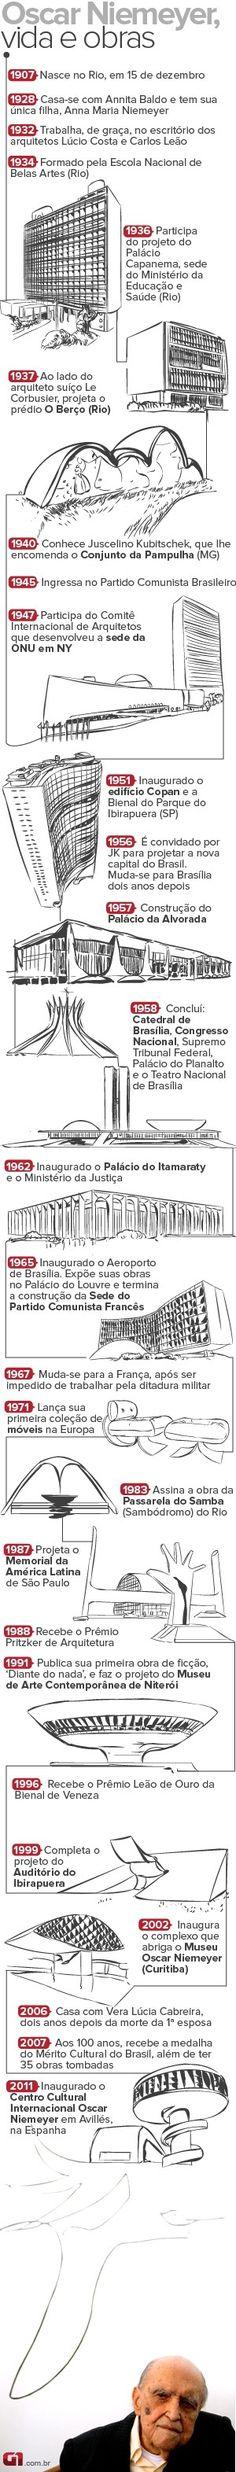 Vida da Arte, vida de Niemeyer